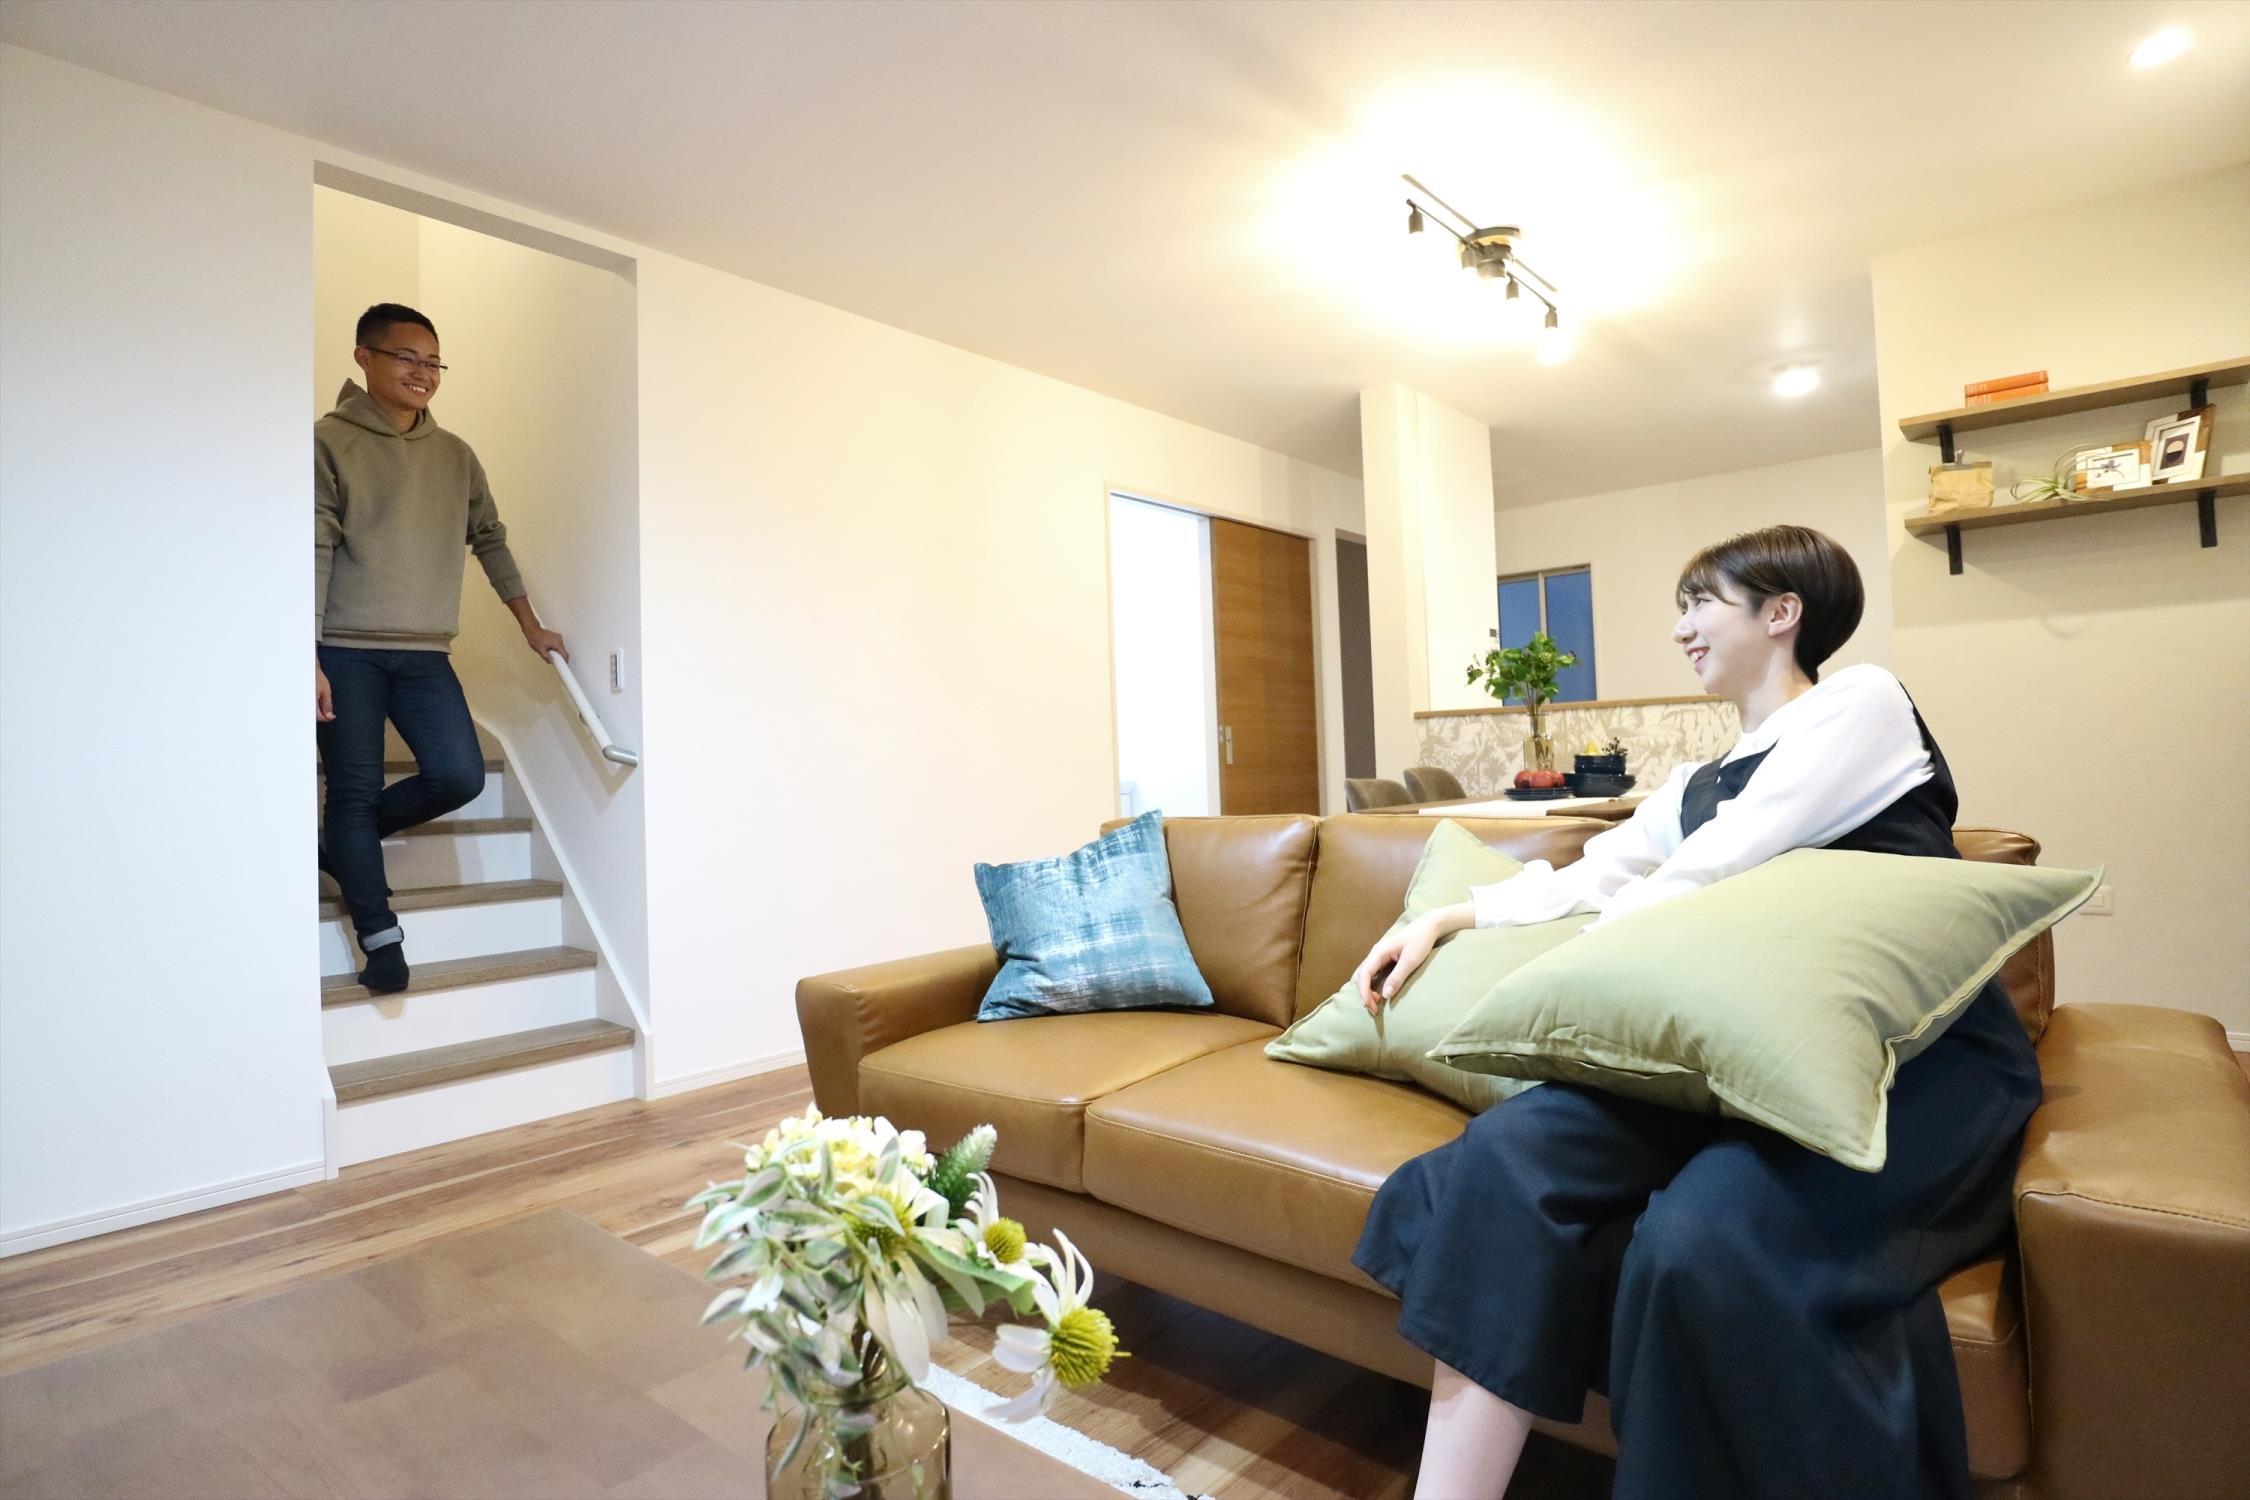 リビングアクセス階段プラン採用!こちらのプランは必ずリビングに皆が顔を合わせる仕様になっていますので、家族とのコミュニケーションがとりやすく絆が深まります。